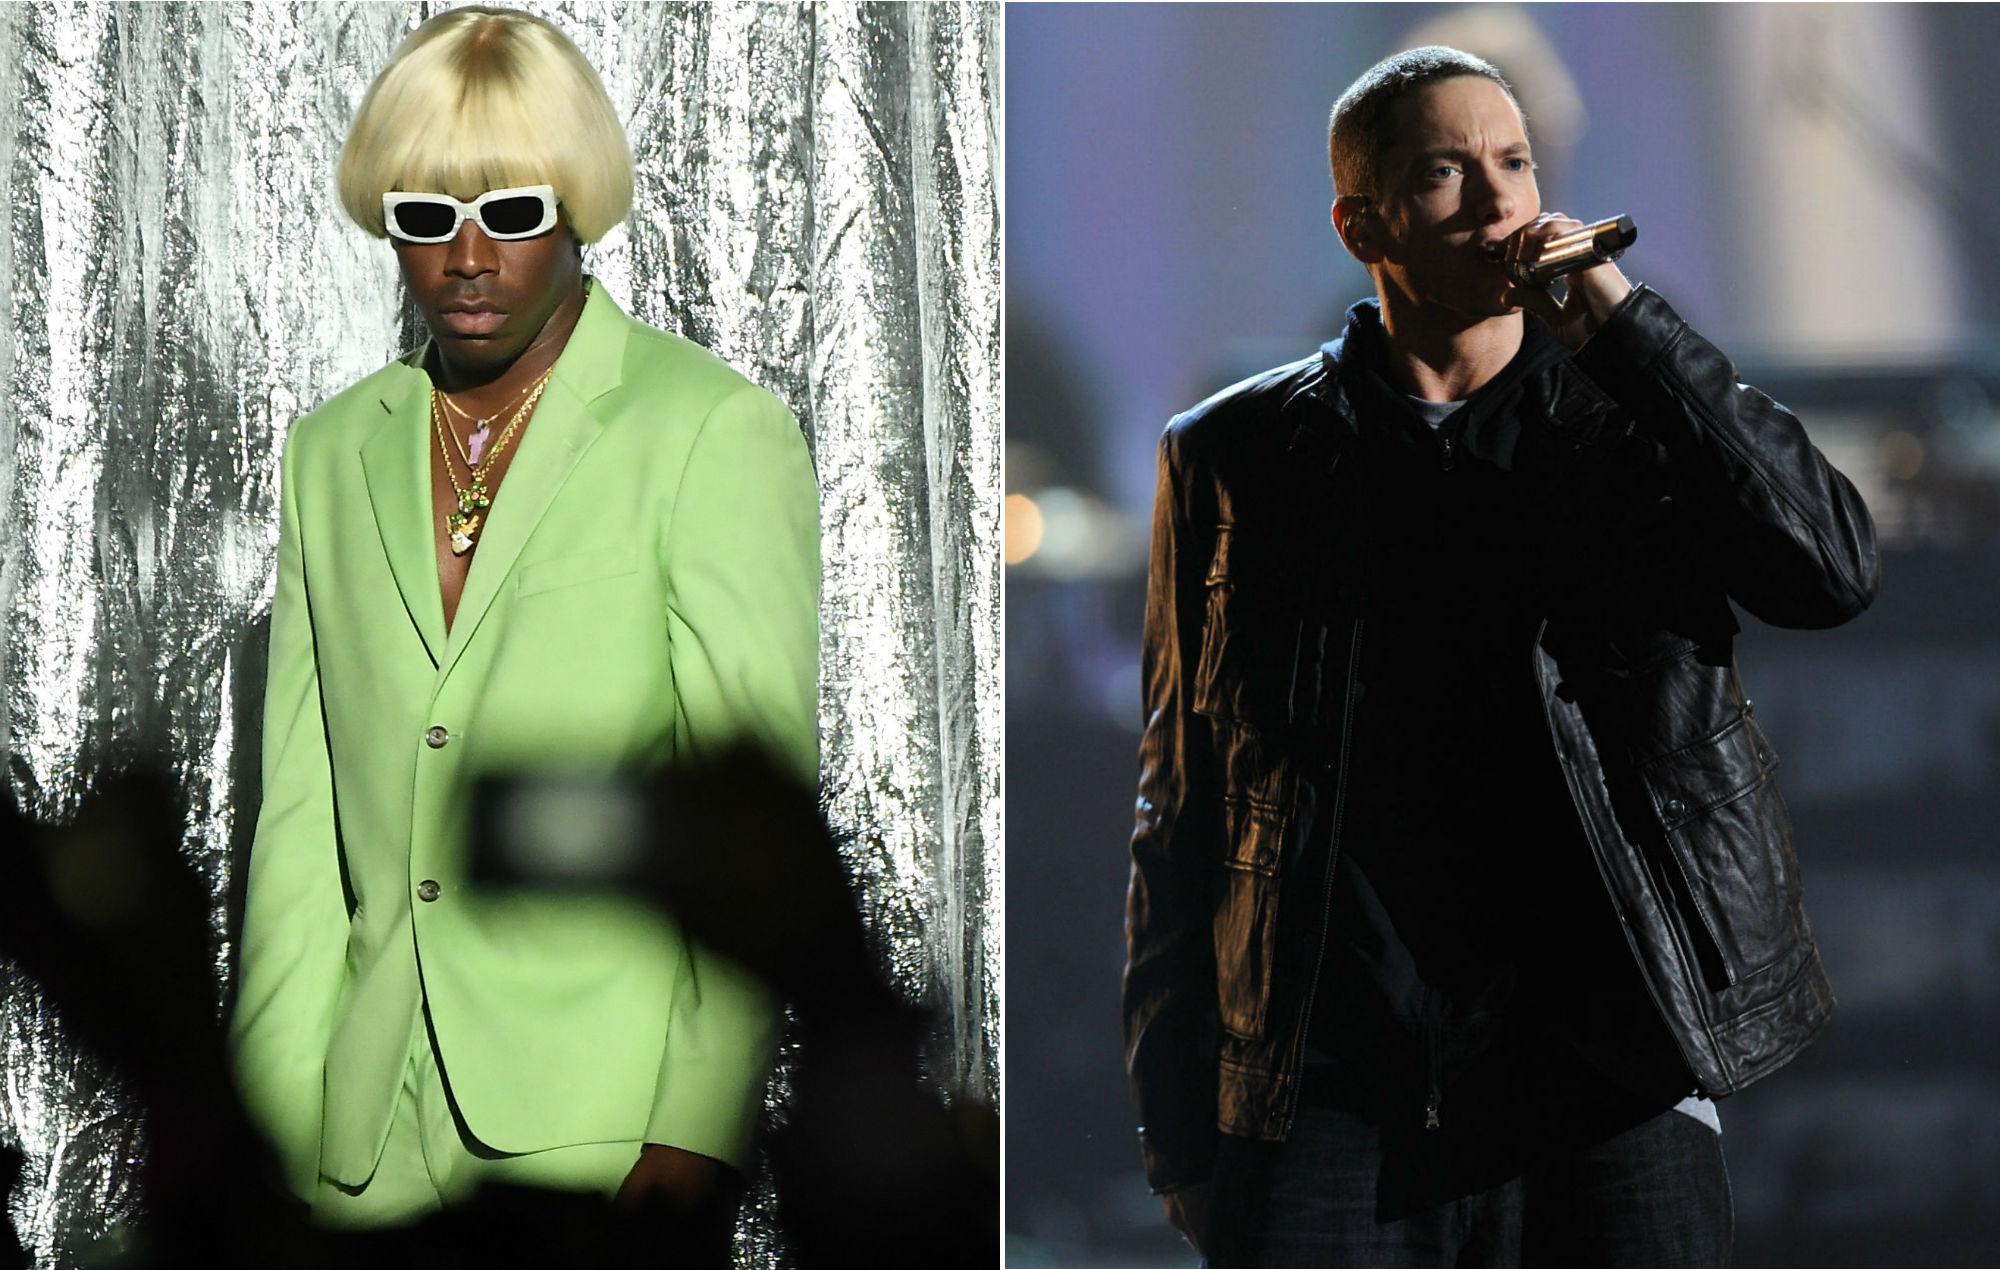 Tyler, The Creator breaks silence on Eminem's homophobic 'Kamikaze' slur